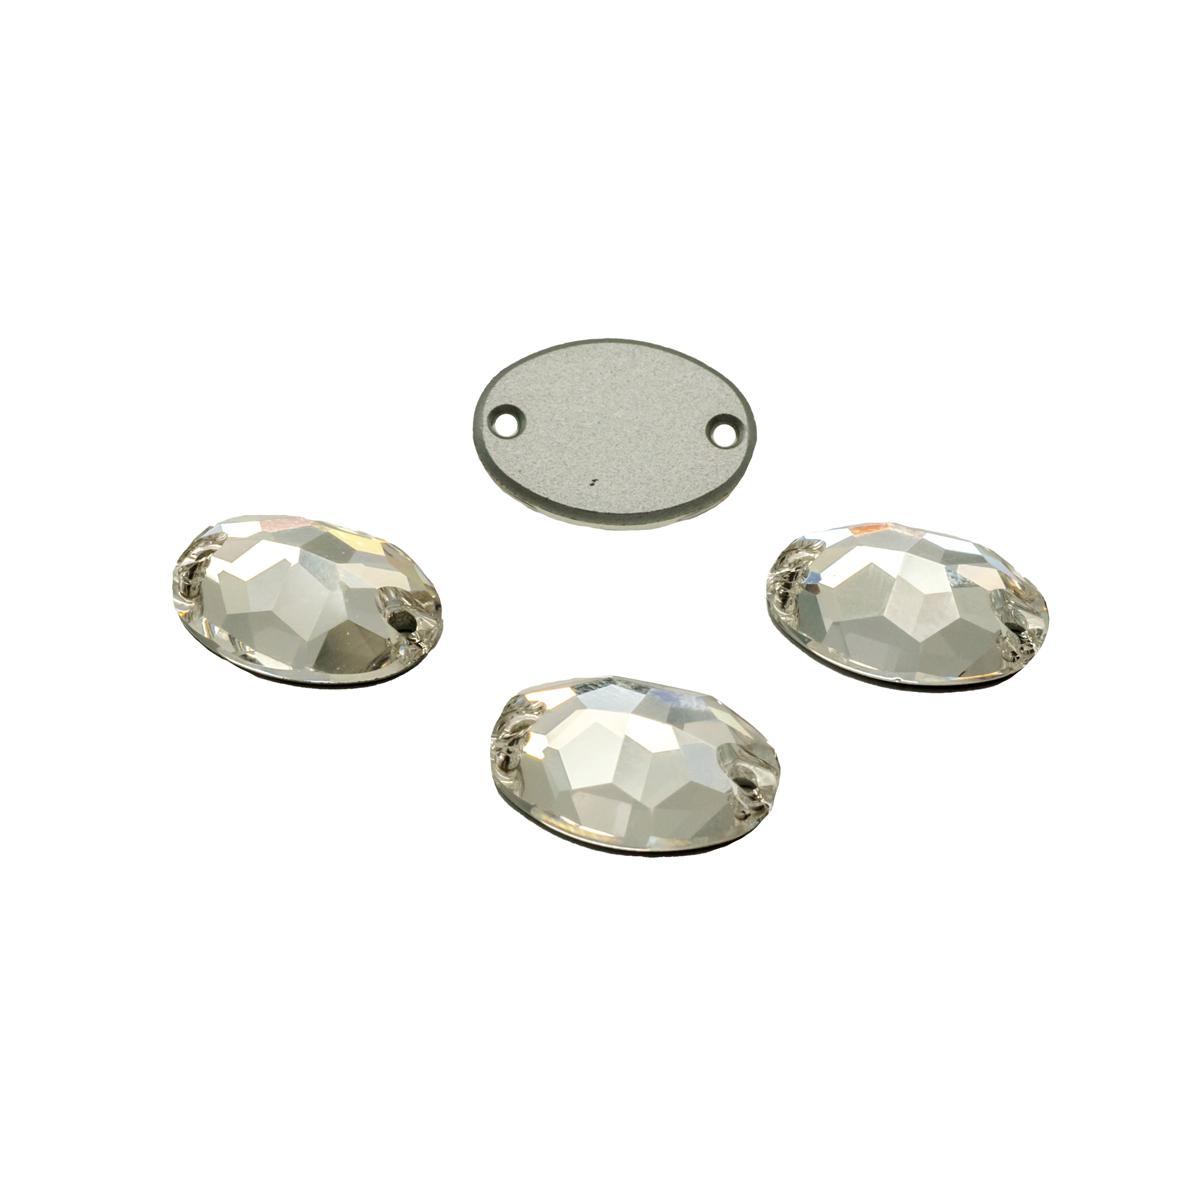 438-62-301 Стразы пришивные Овал, 2 отверстия Crystal 16x11мм. 4 шт. Preciosa